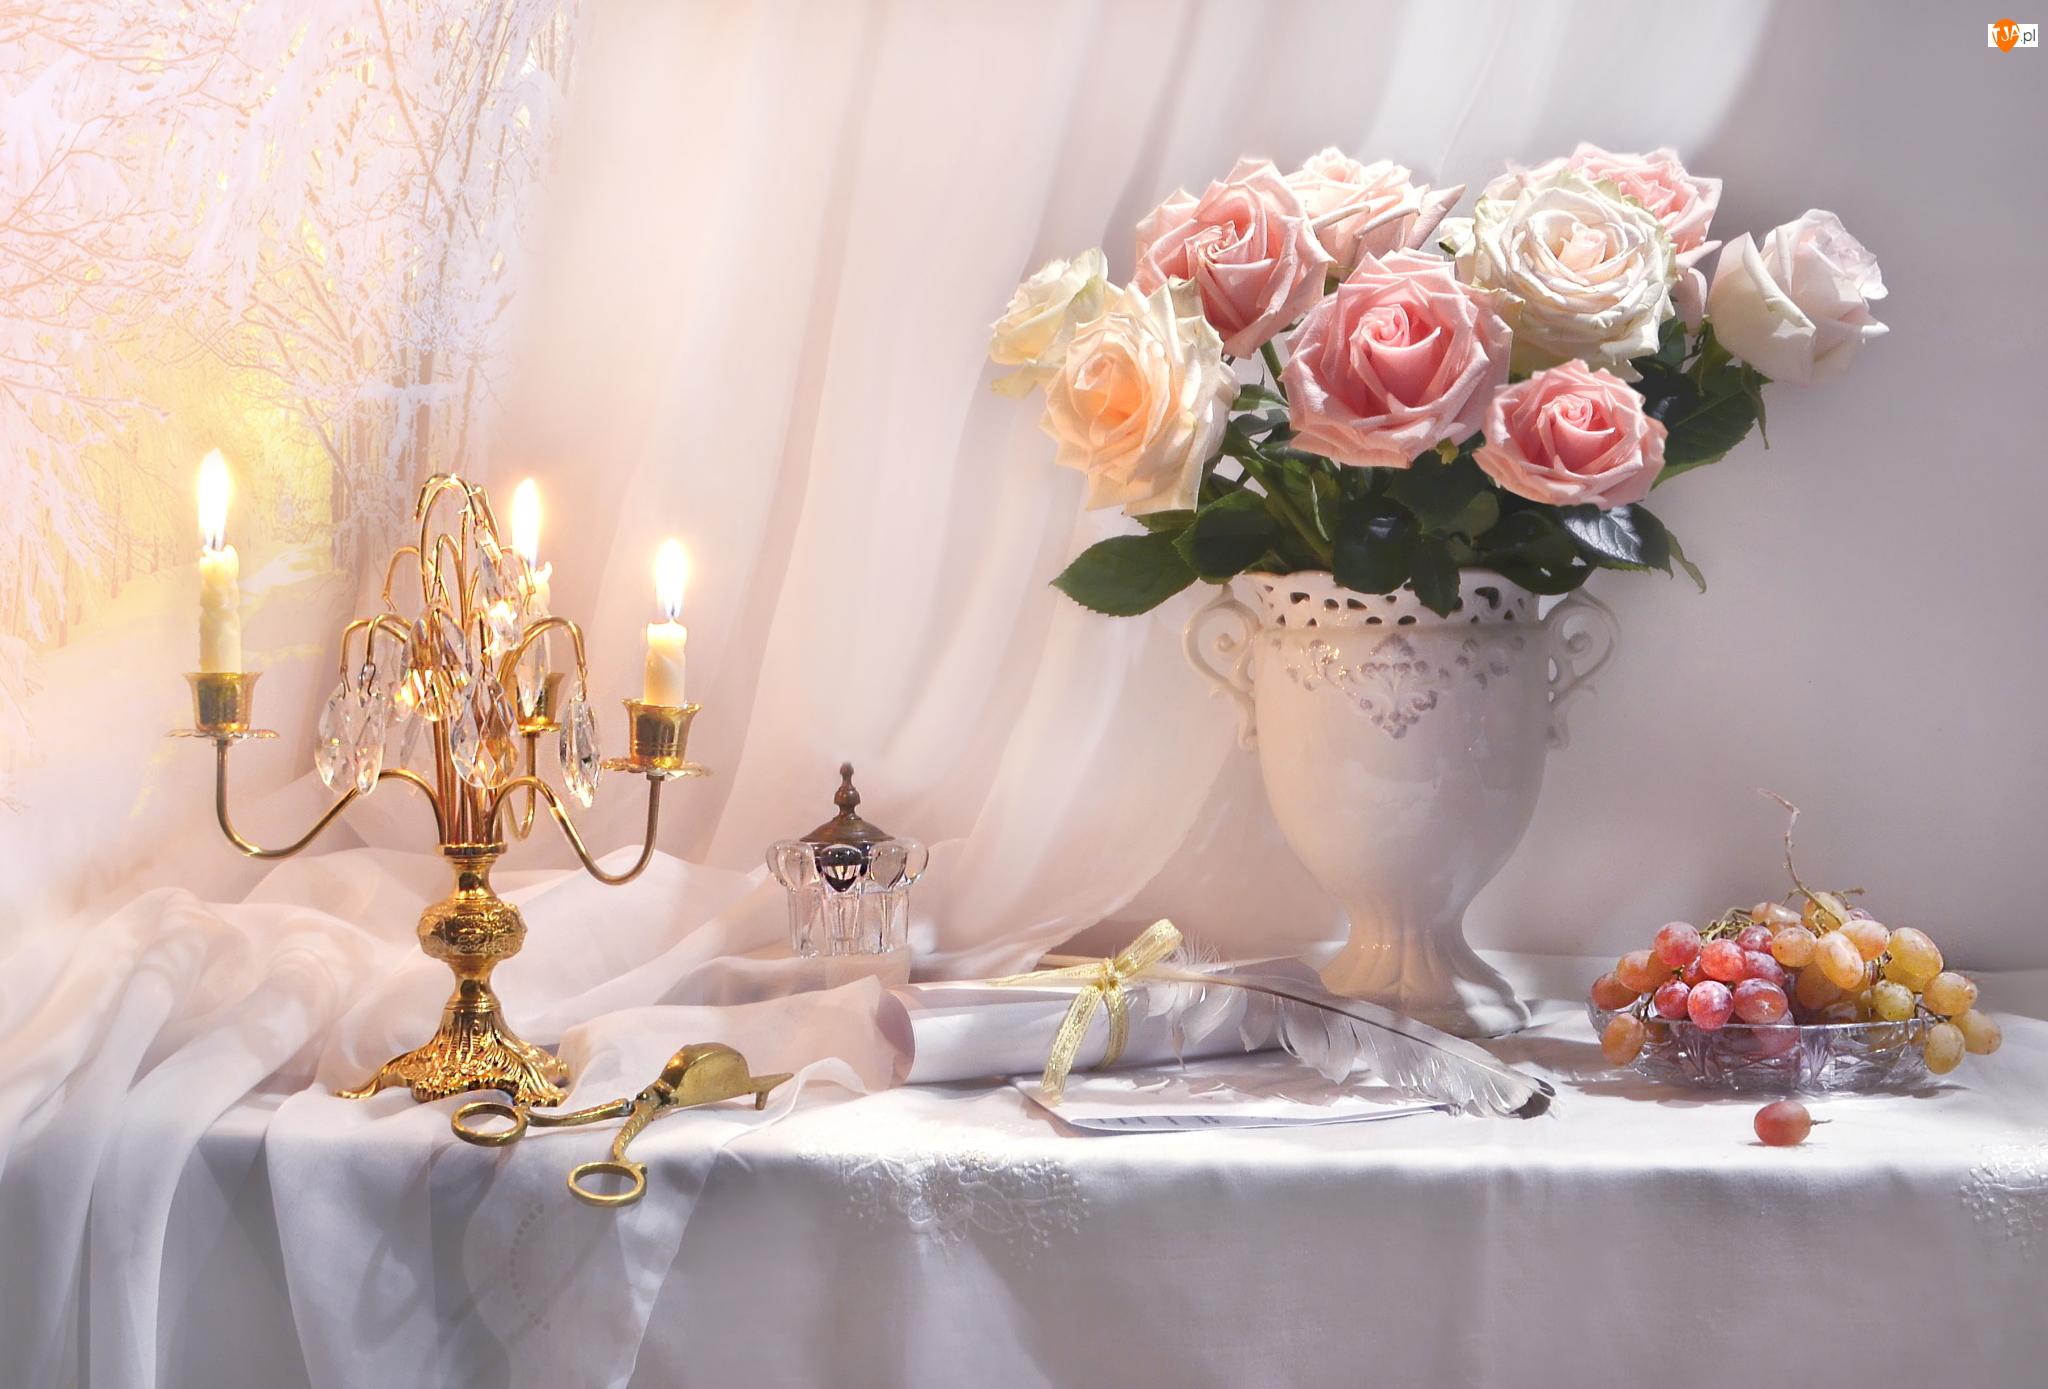 Wazon, Bukiet, Winogrona, Kompozycja, Świece, Świecznik, Róże